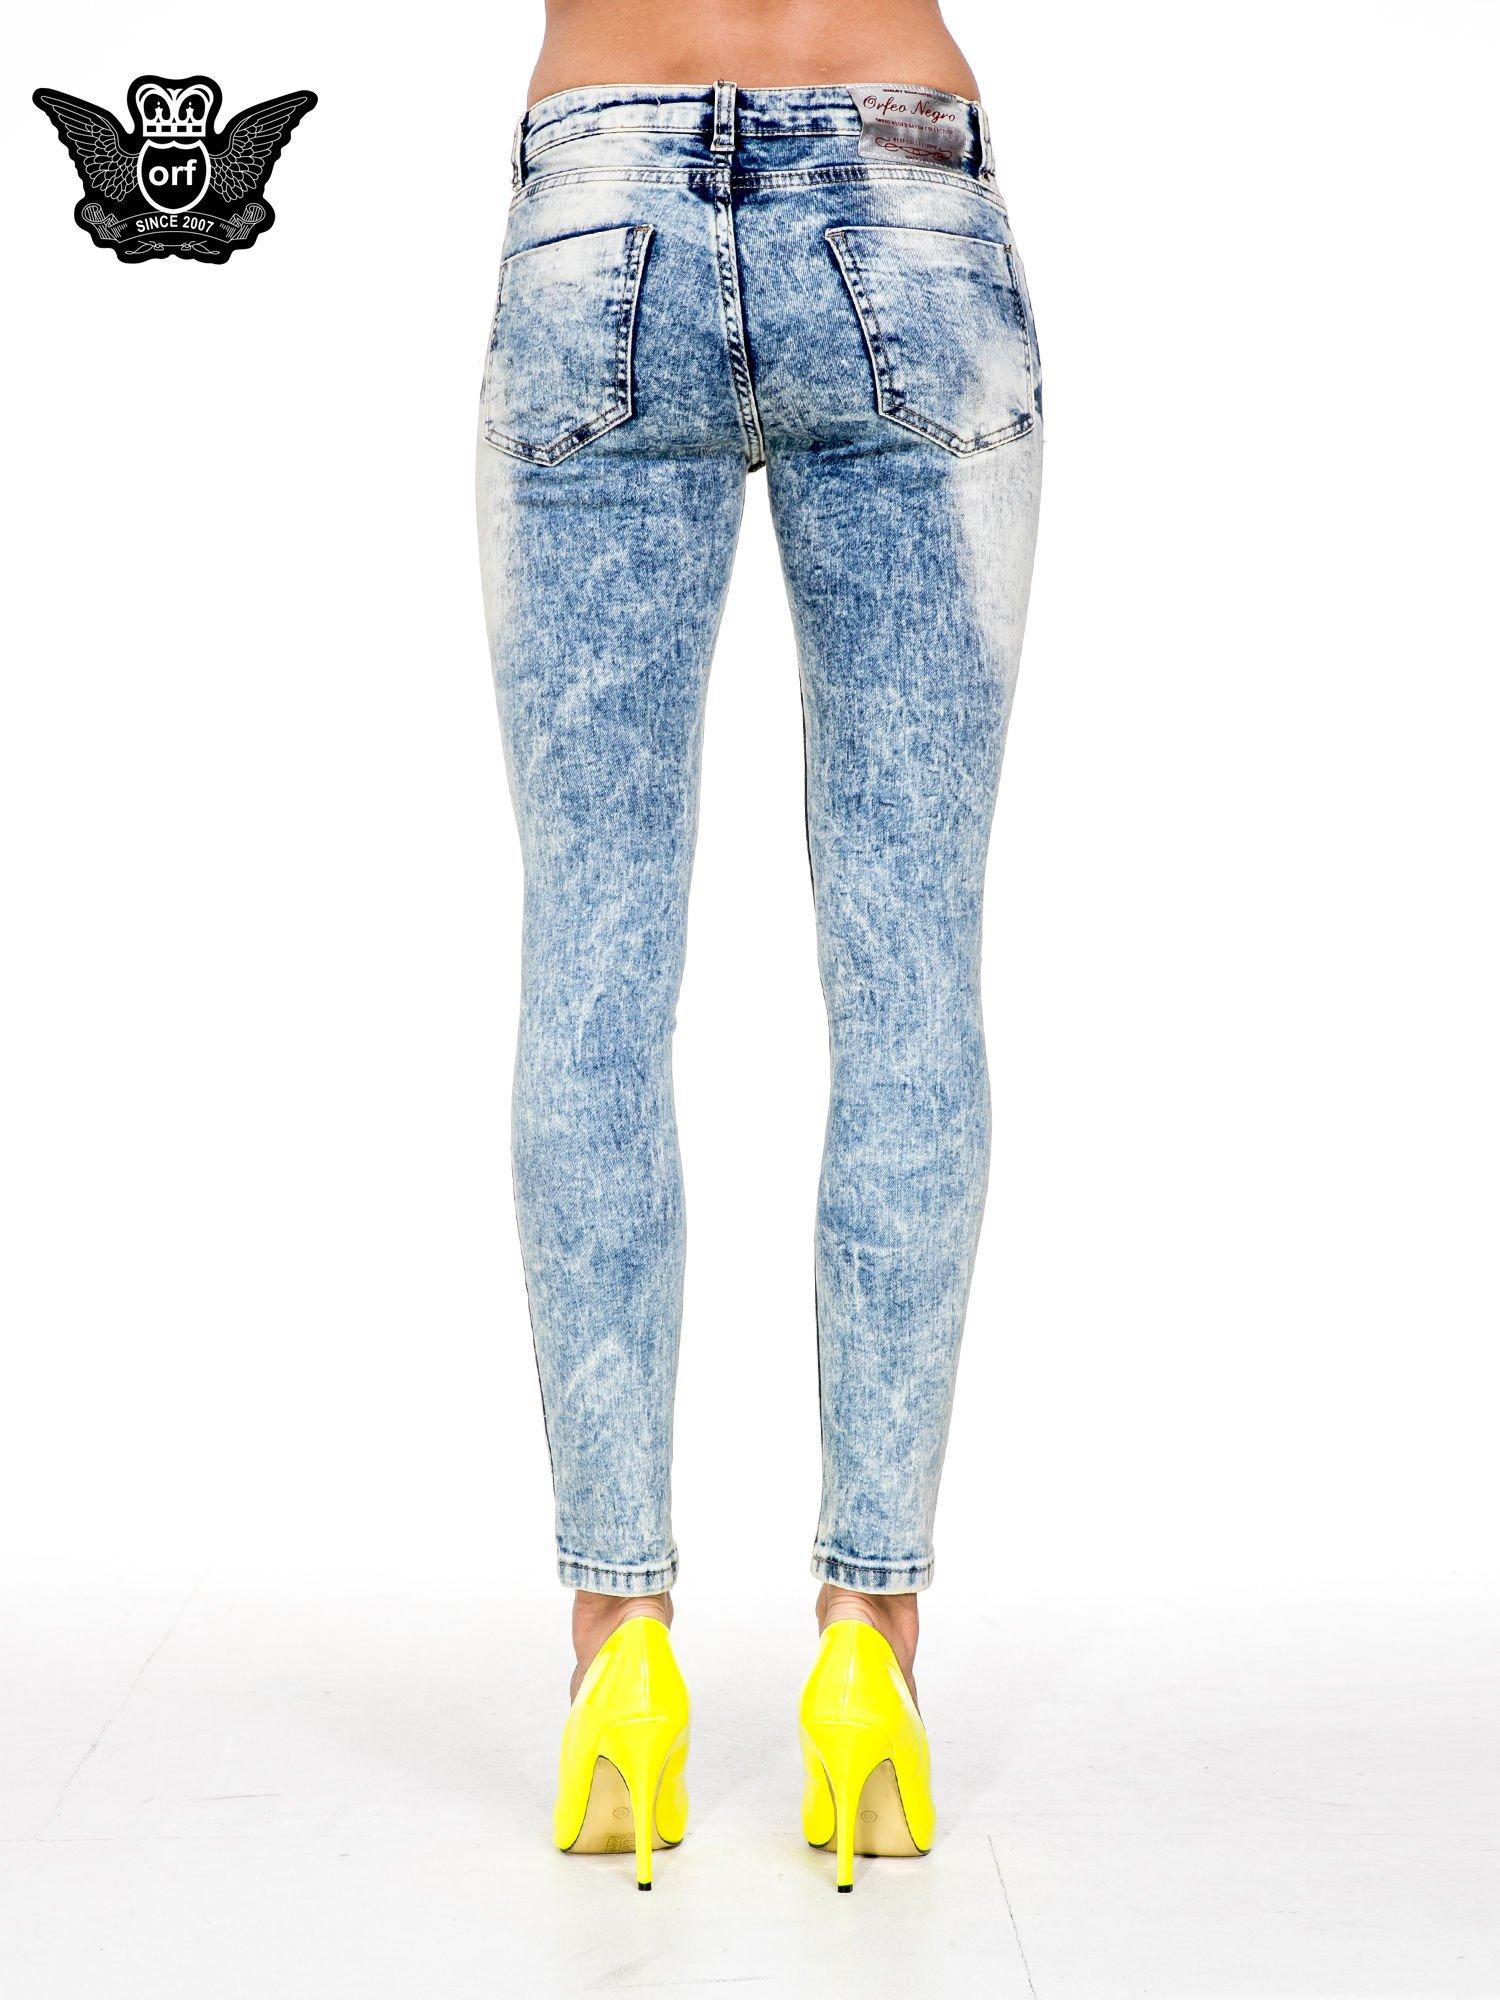 Jasnoniebieskie spodnie skinny jeans z dziurami i modelującym rozjaśnieniem                                  zdj.                                  5